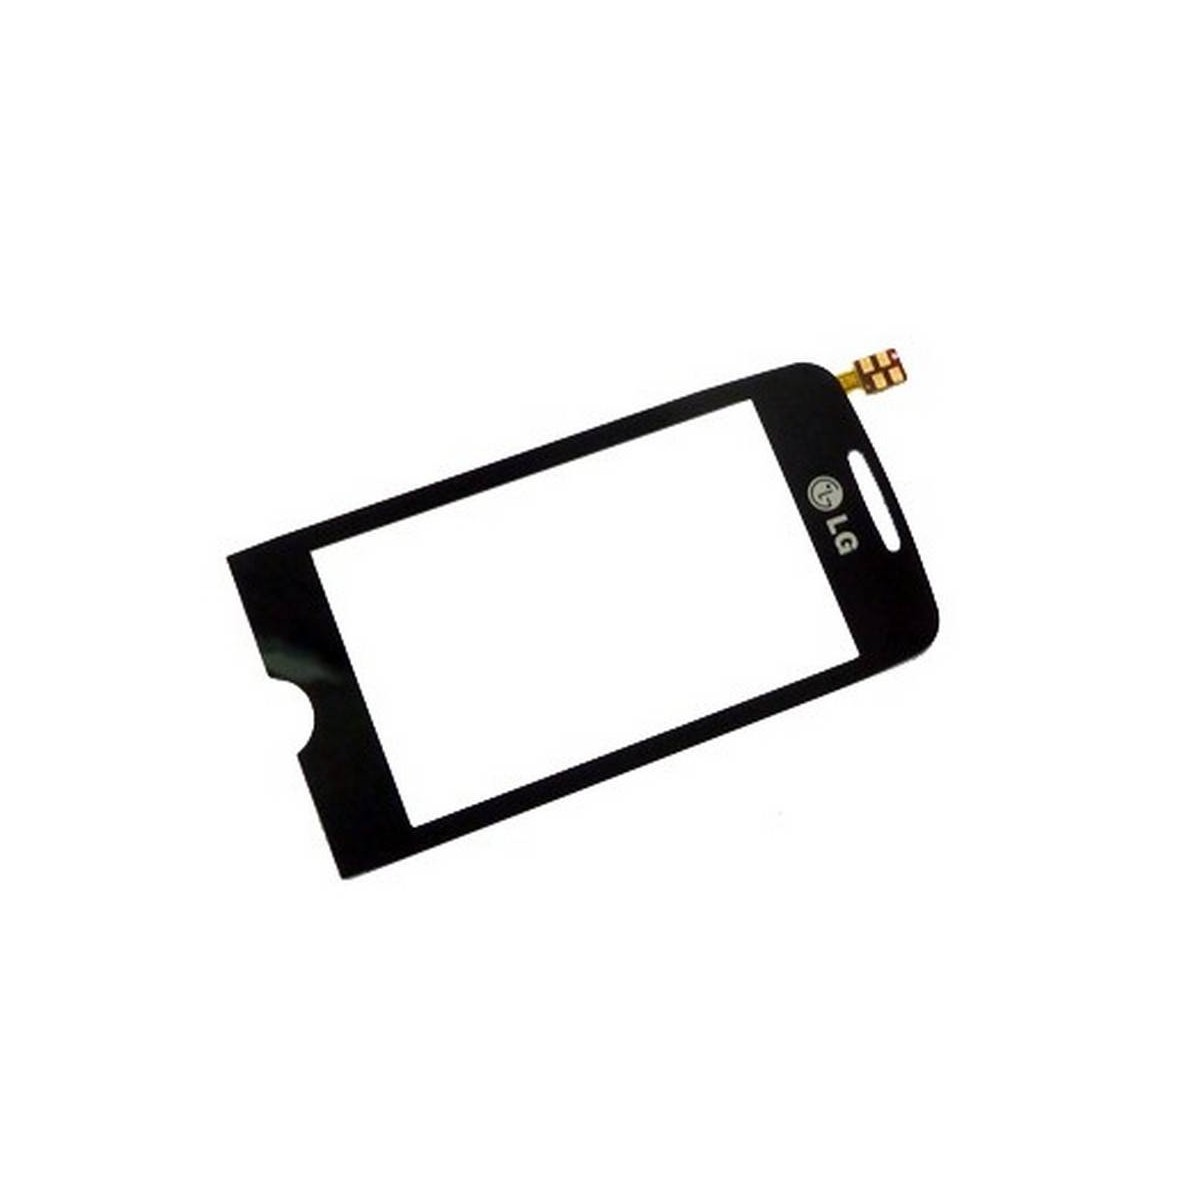 LG GS290 ecrã digitalizadora, ventana tactil cubre display LCD